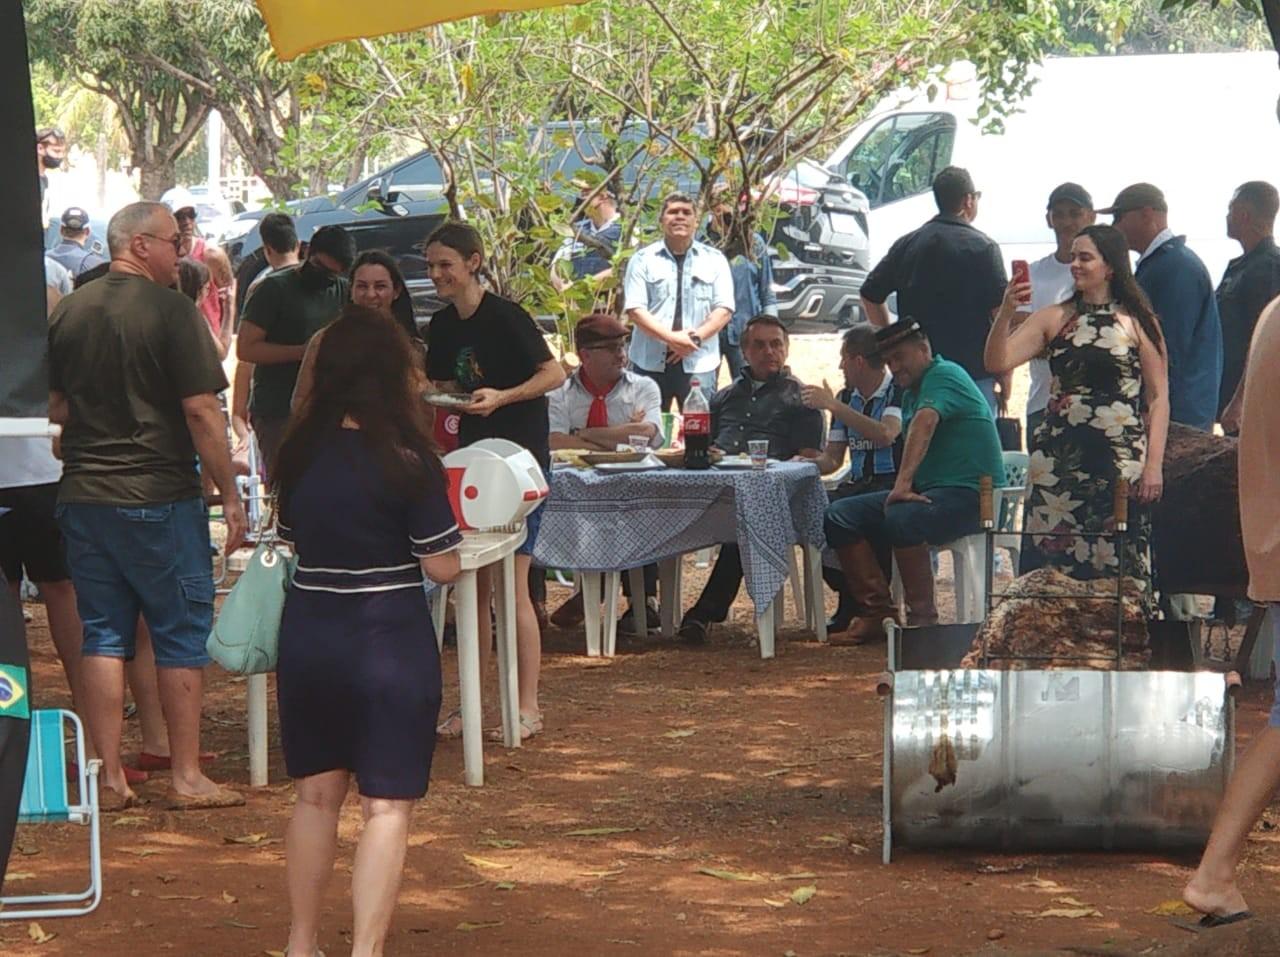 Sem máscara, Bolsonaro vai a churrasco com aglomeração em Brasília